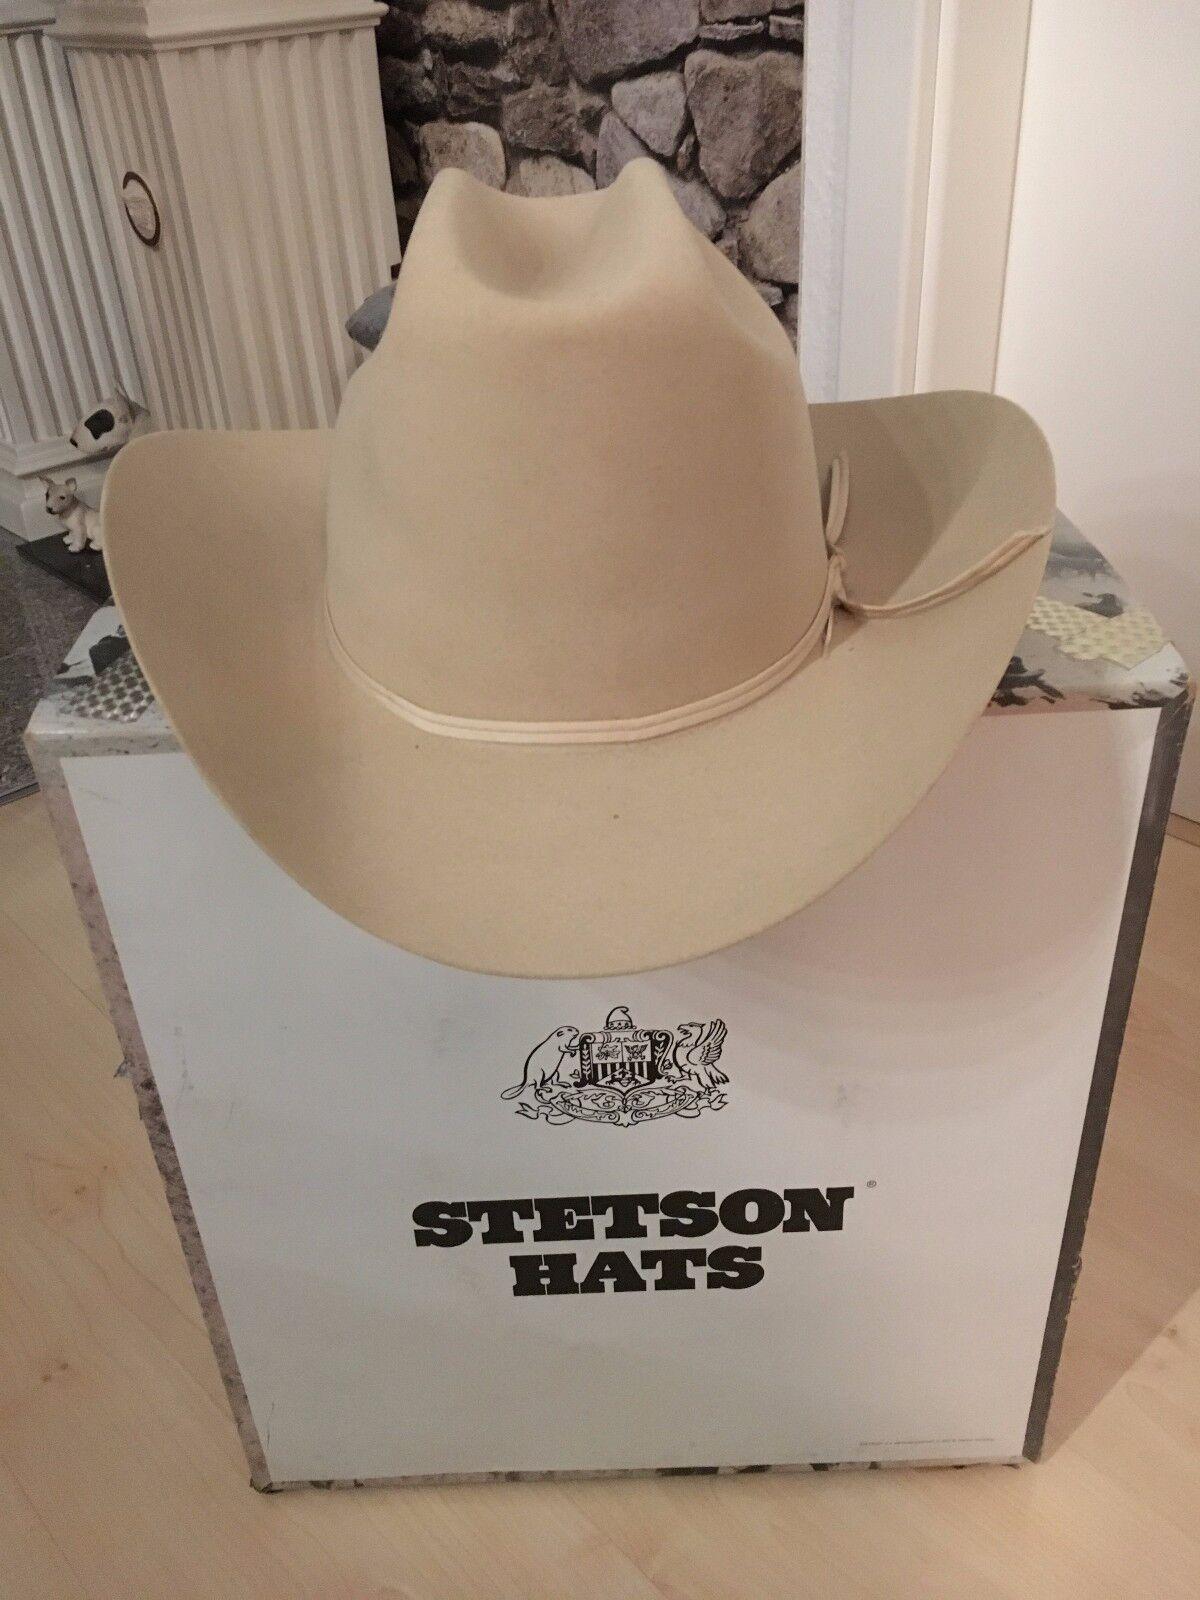 Stetson Hat 10 STARS VERY RARE TOP WESTERN COWBOY HAT LIGHT BEIGE Größe 7 5 8